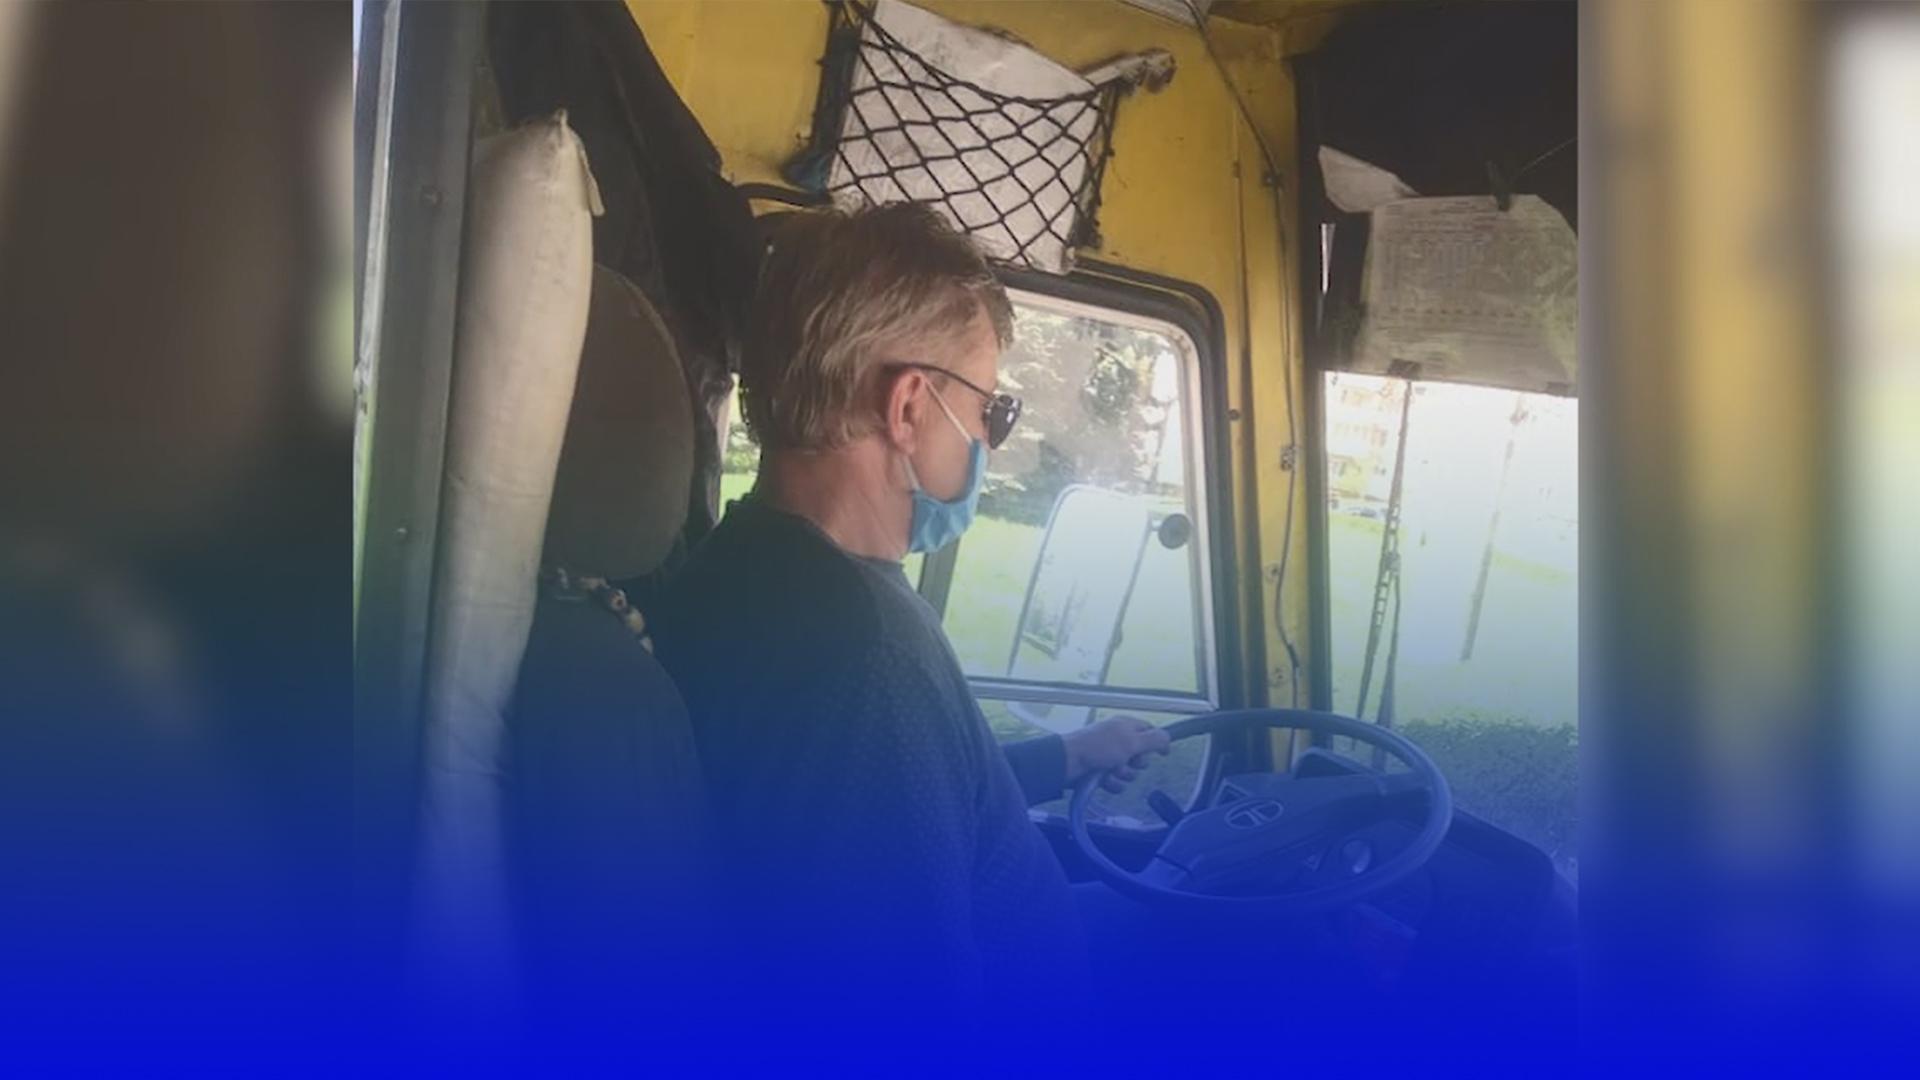 Сварка між водієм маршрутки і пасажиром: тернополянин поскаржився на агресію з боку кермувальника